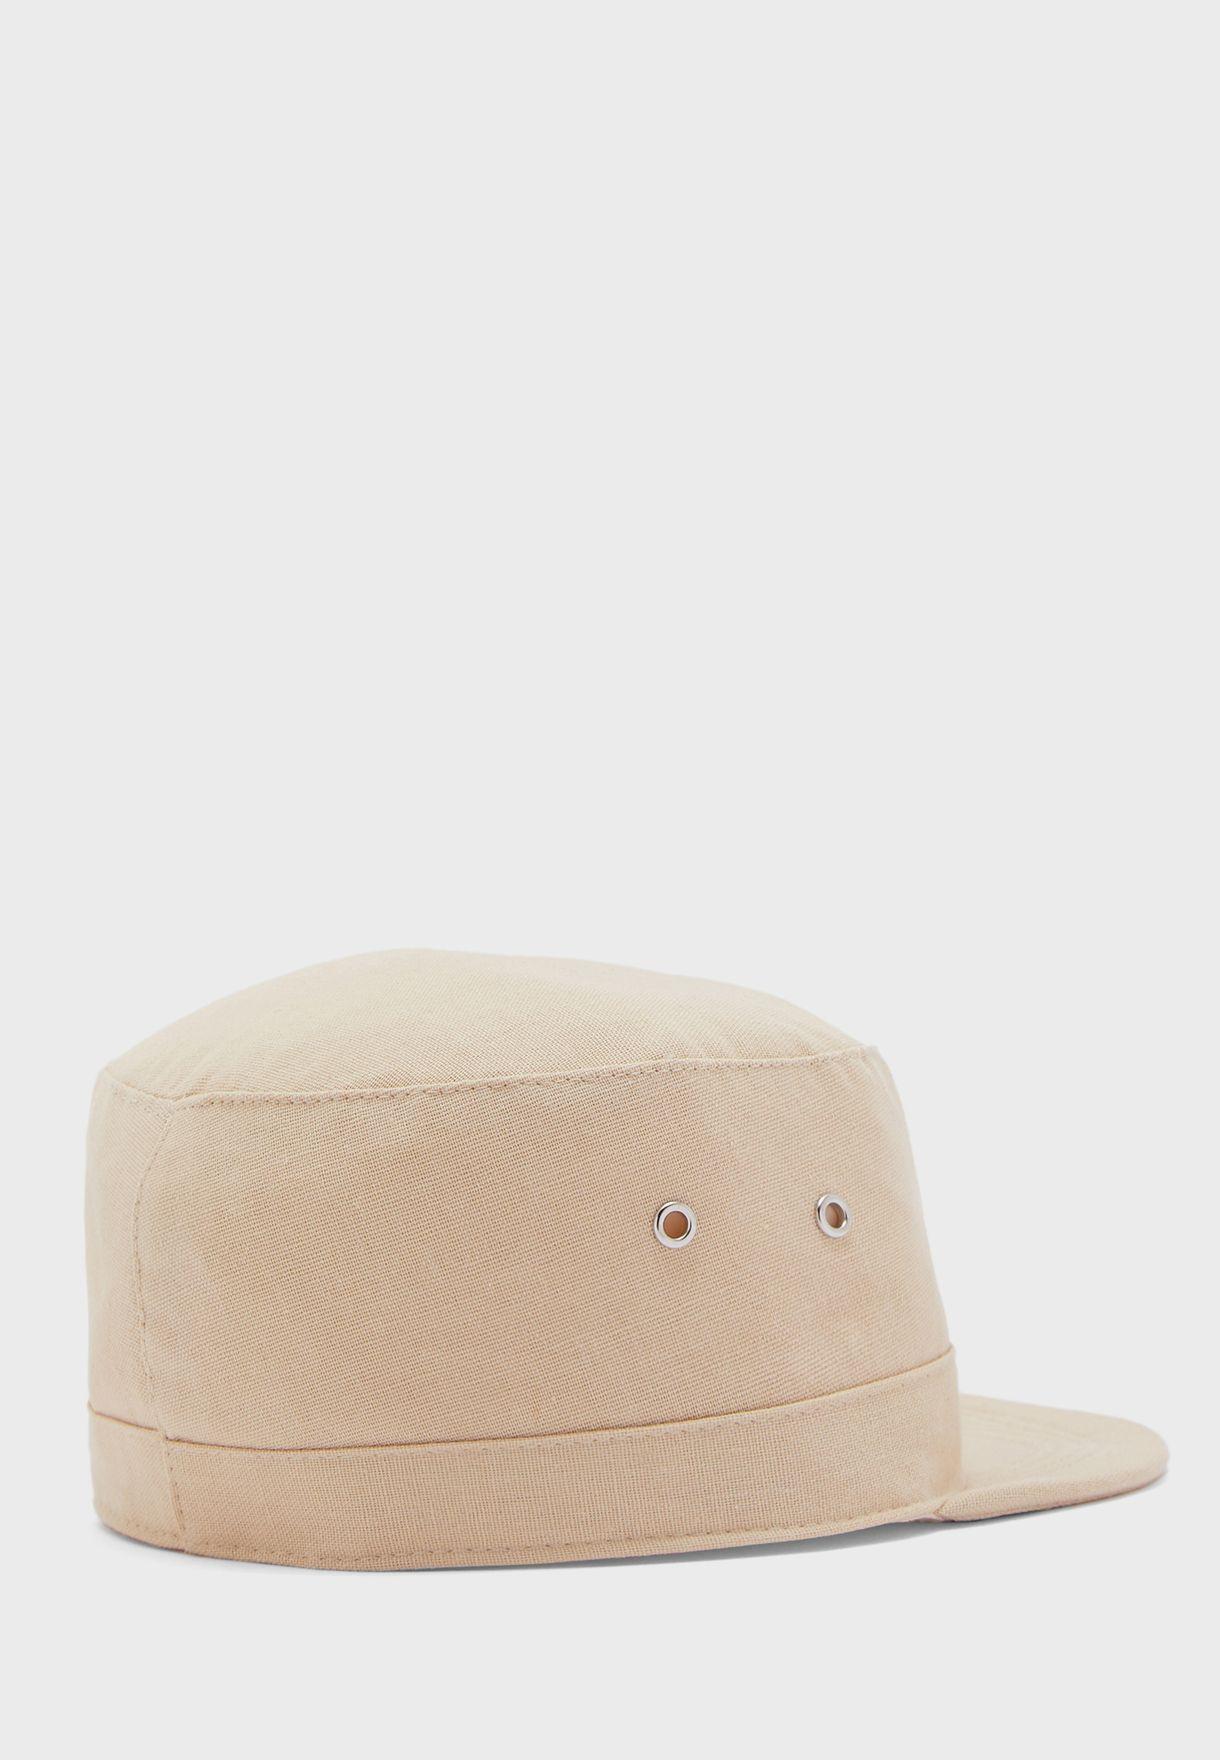 قبعة بحافة مسطحة